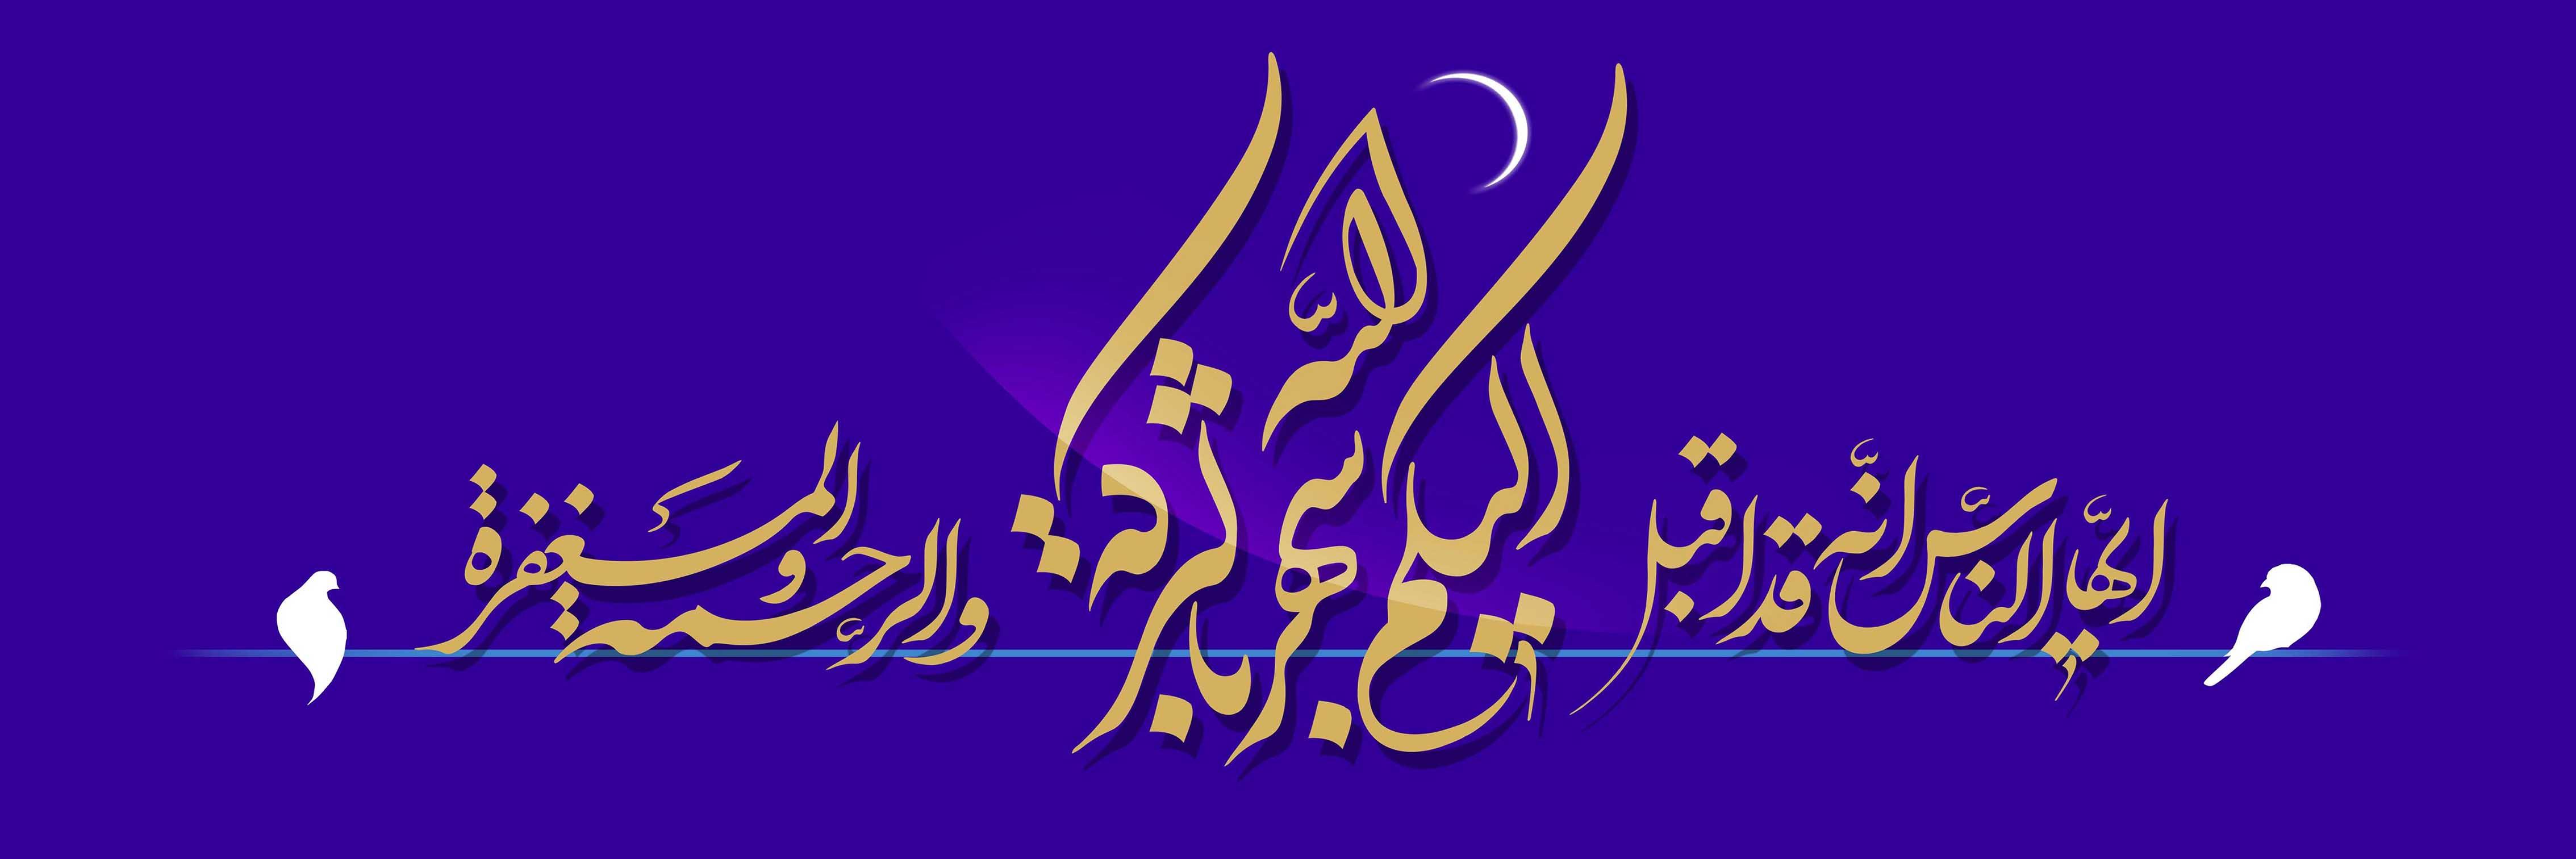 اعمروا شهر رمضان المبارك بذكر الله وأداء الشكر له على النعم التي أعذقها عليكم.